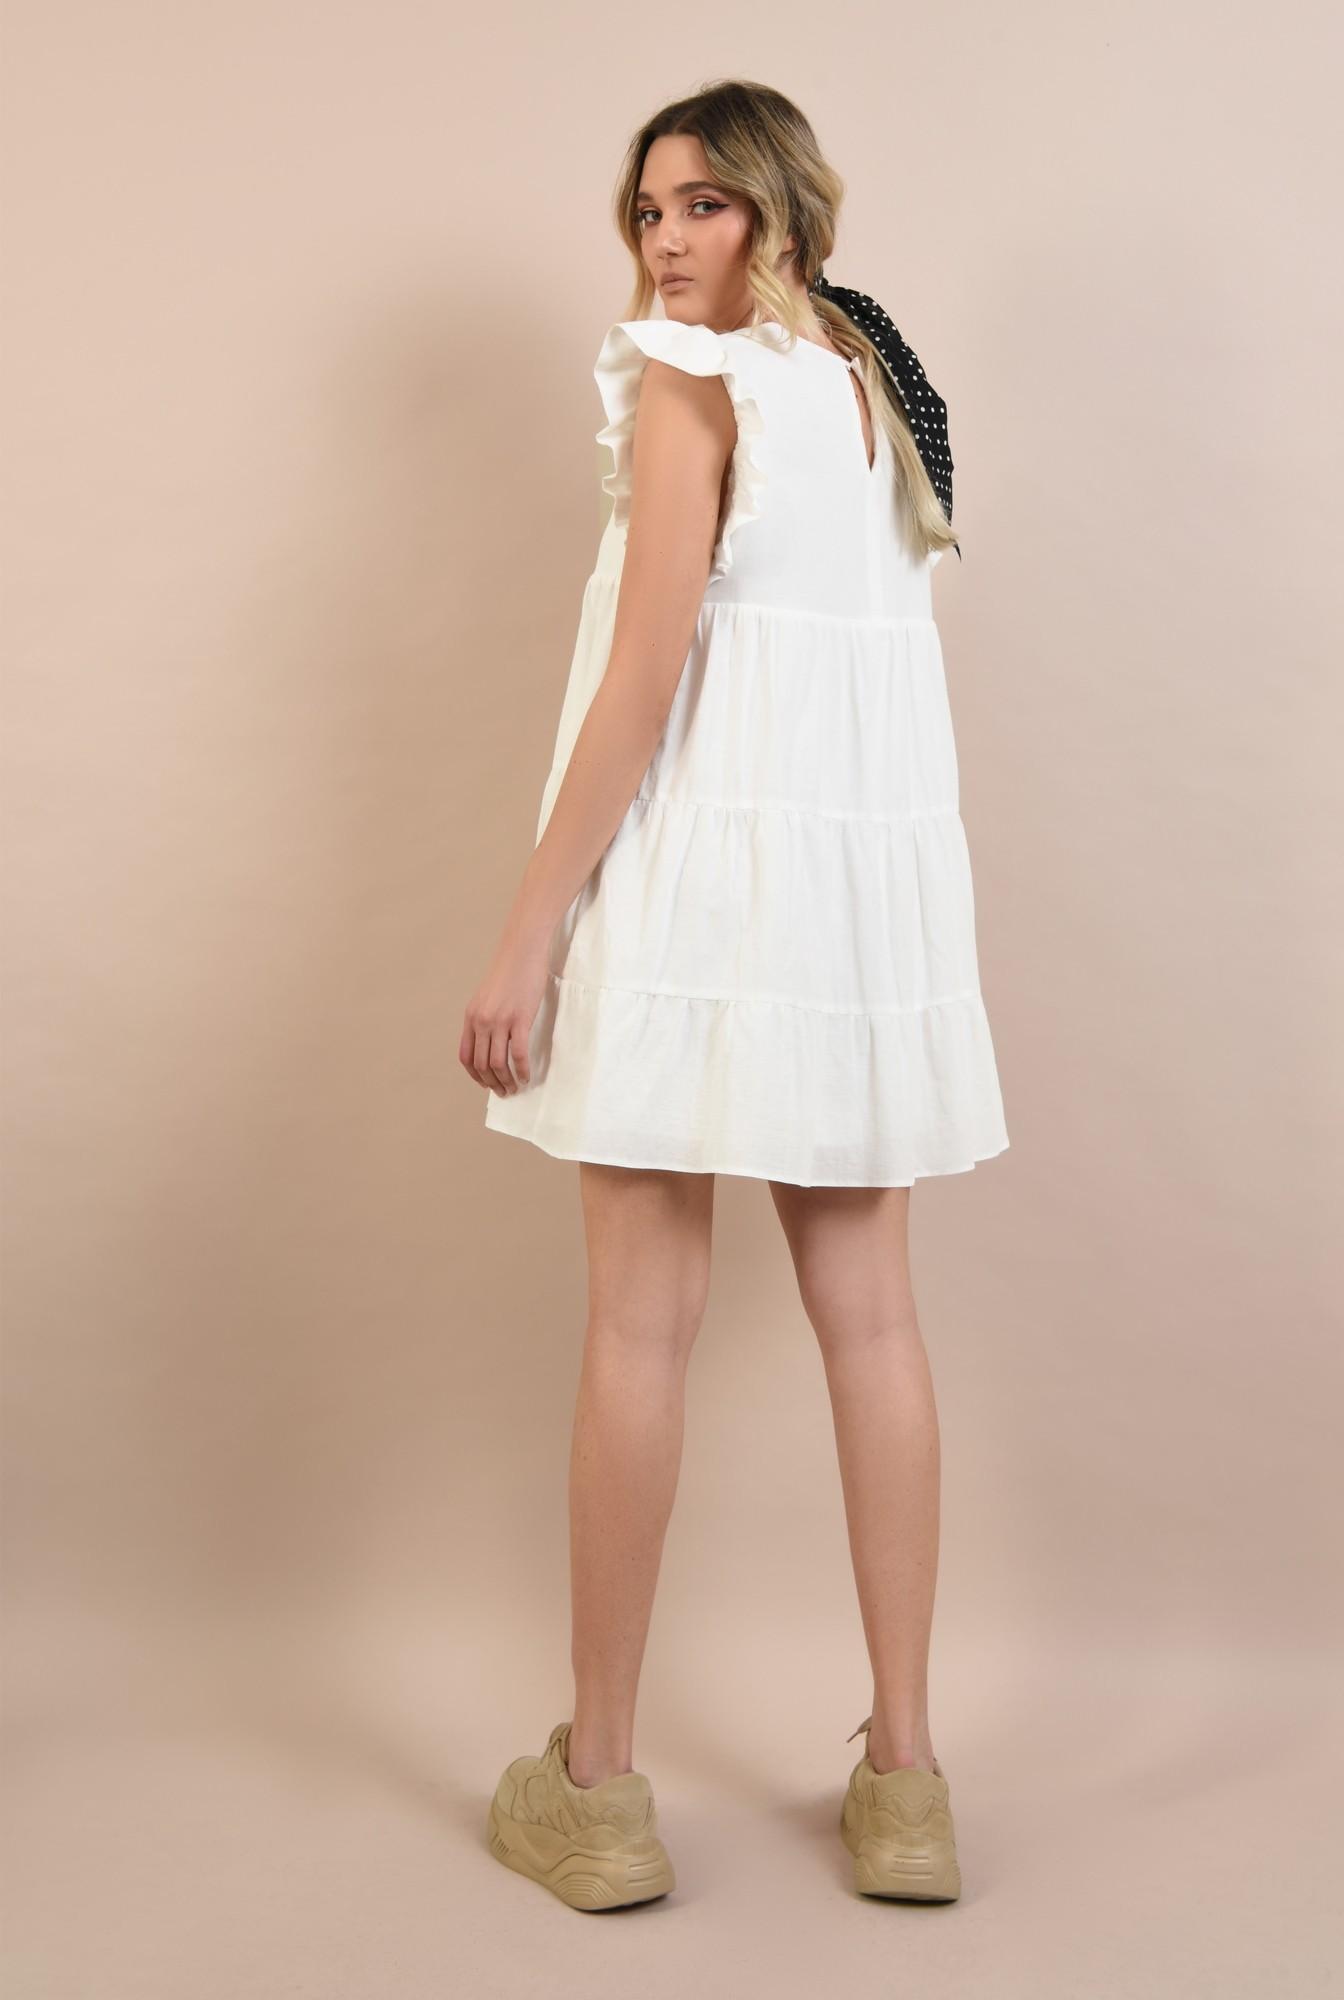 1 -  rochie babydoll, cu maneci volan, evazata, scurta, rochie de vara